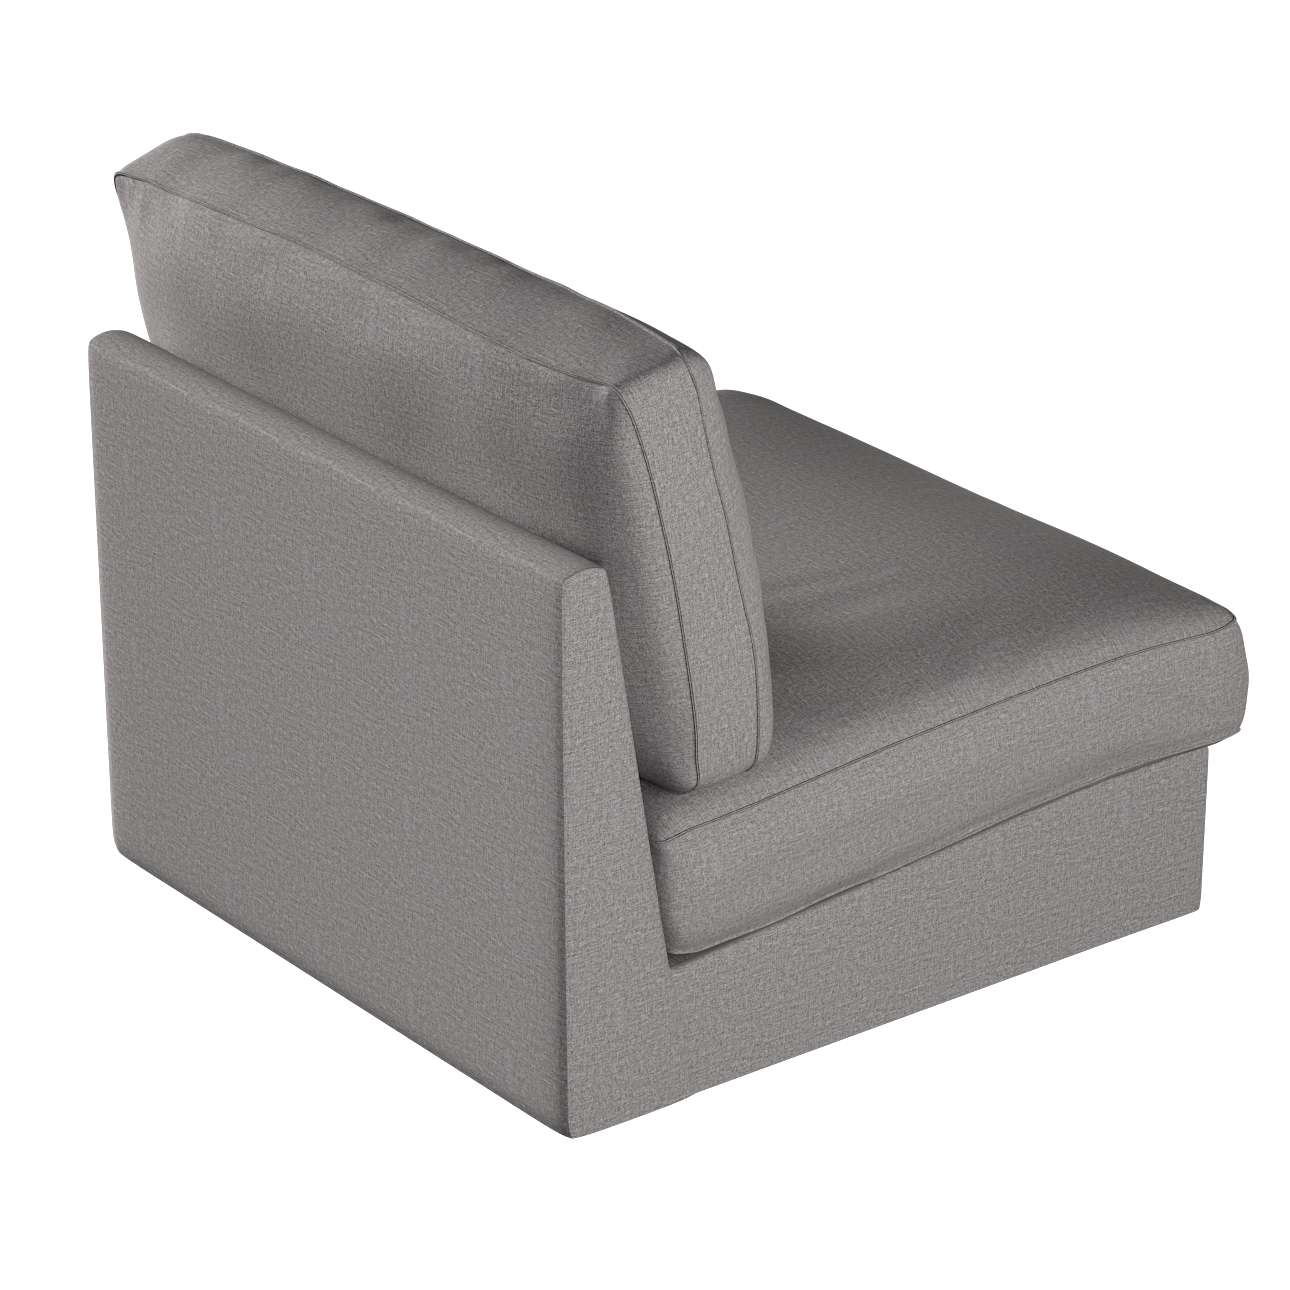 KIVIK fotelio/vienvietės dalies užvalkalas kolekcijoje Edinburgh, audinys: 115-81